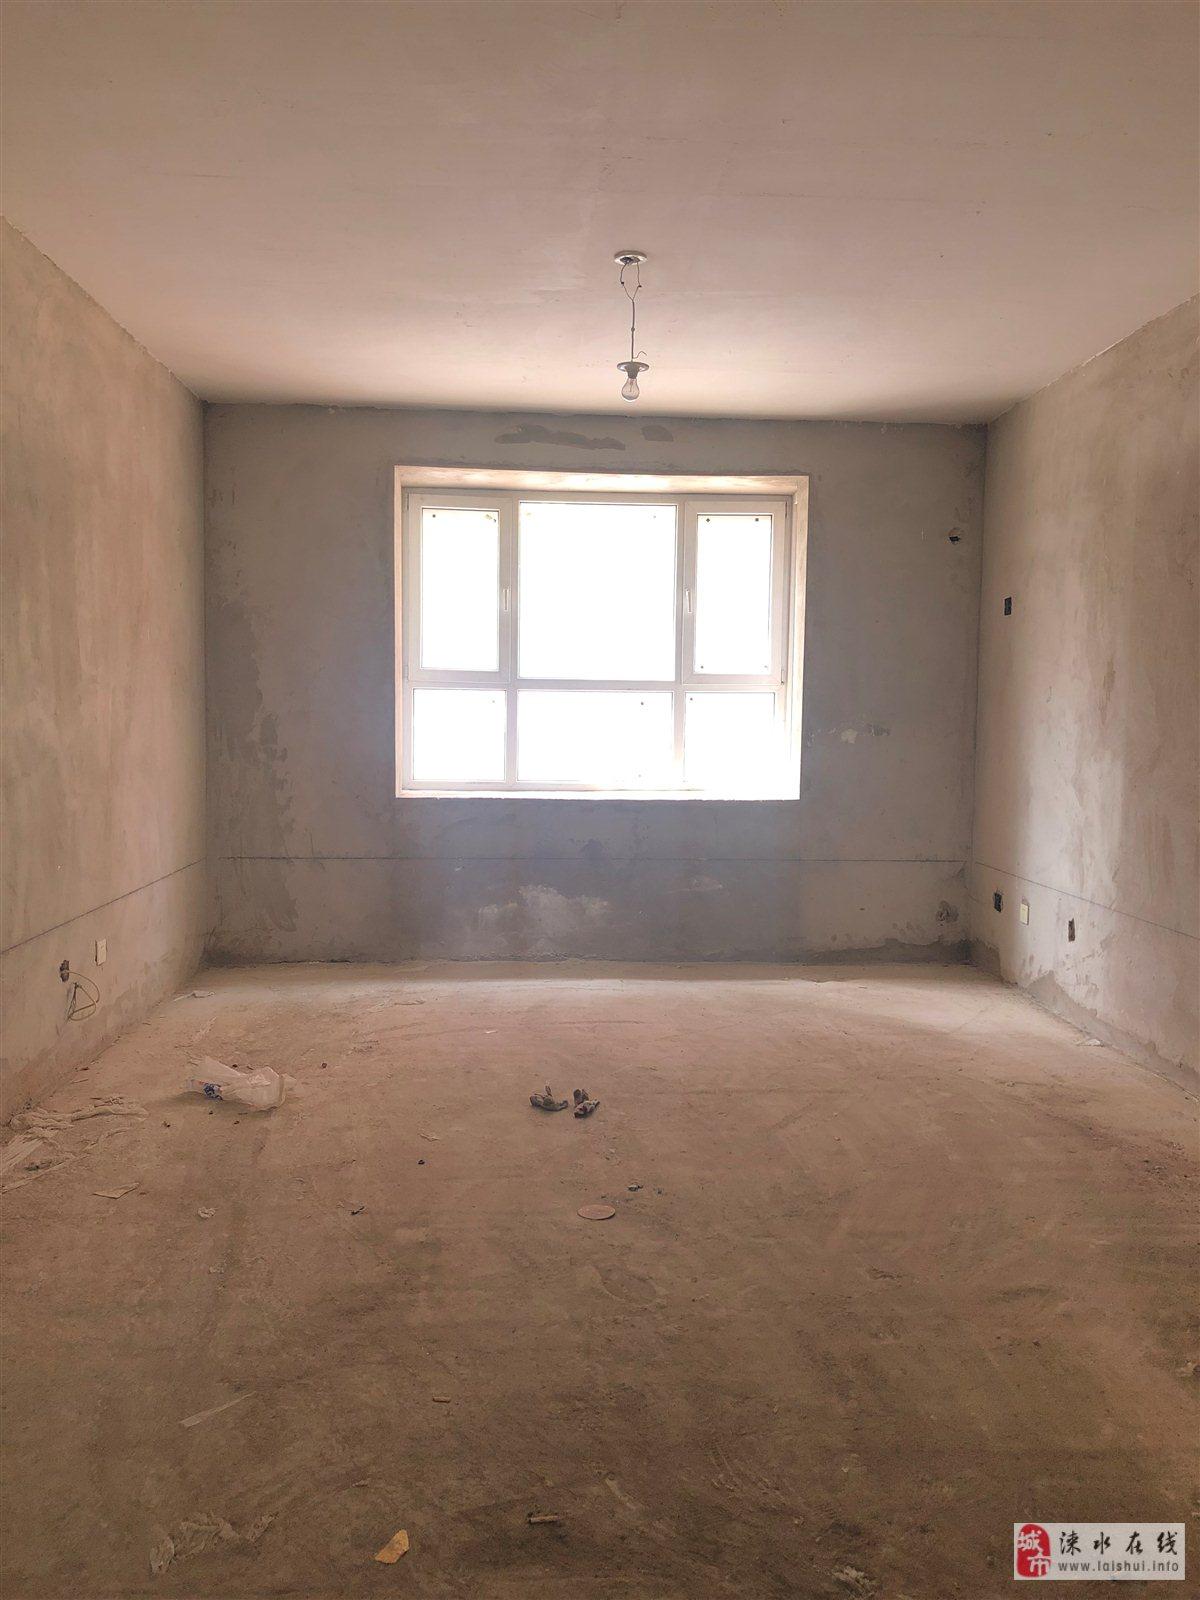 匯通雅苑2居室本滿二單價7300/平有鑰匙